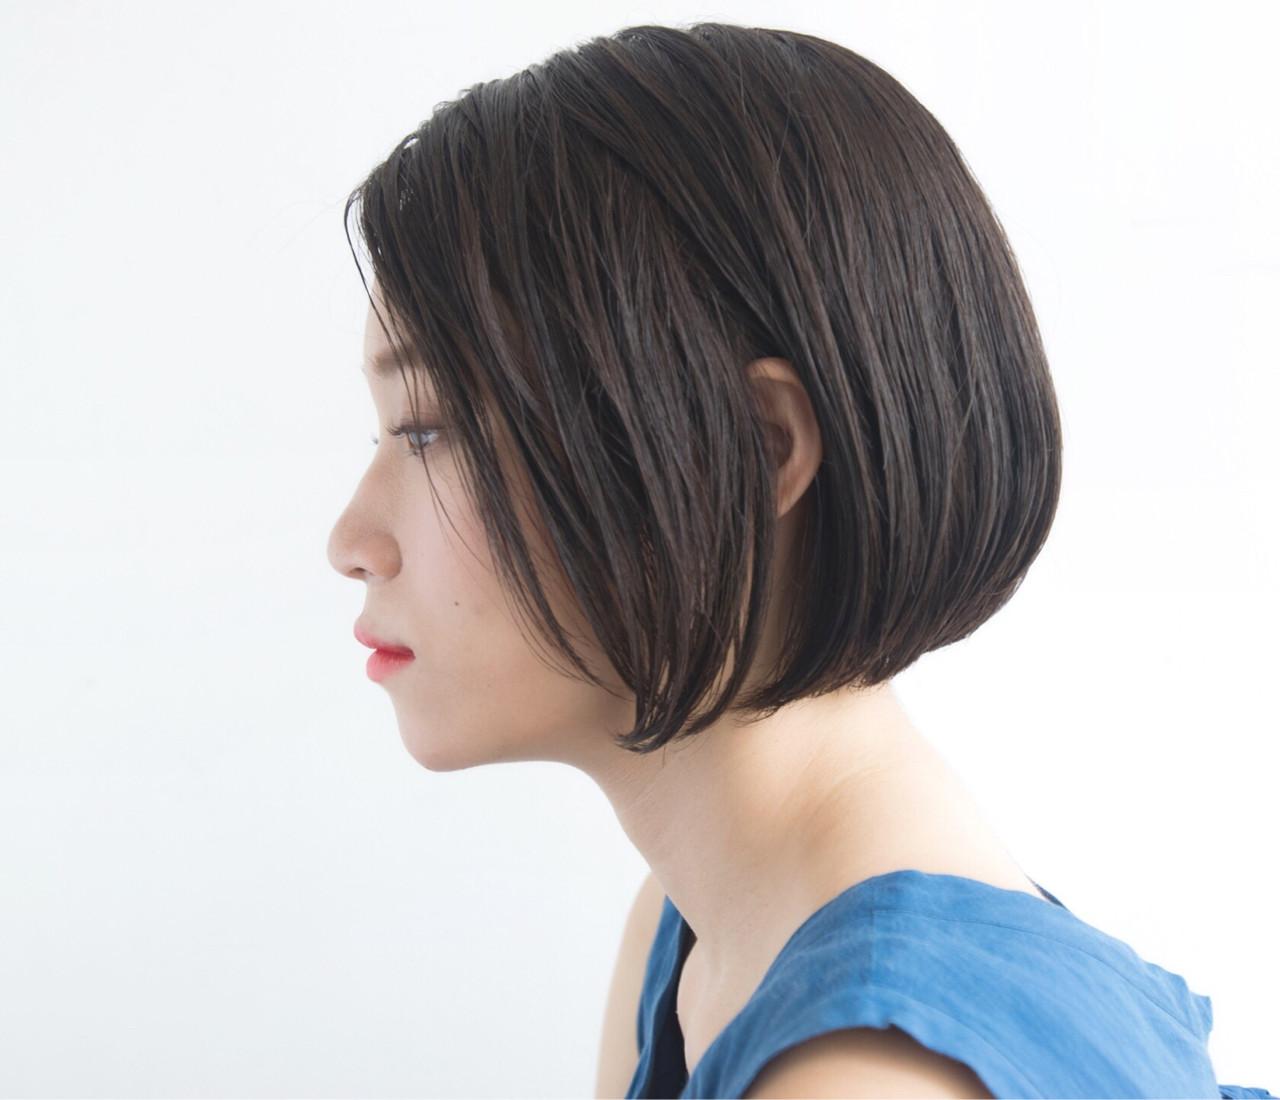 ナチュラル ボブ ピュア ストレート ヘアスタイルや髪型の写真・画像 | anti_RIKUSHI / ANTI